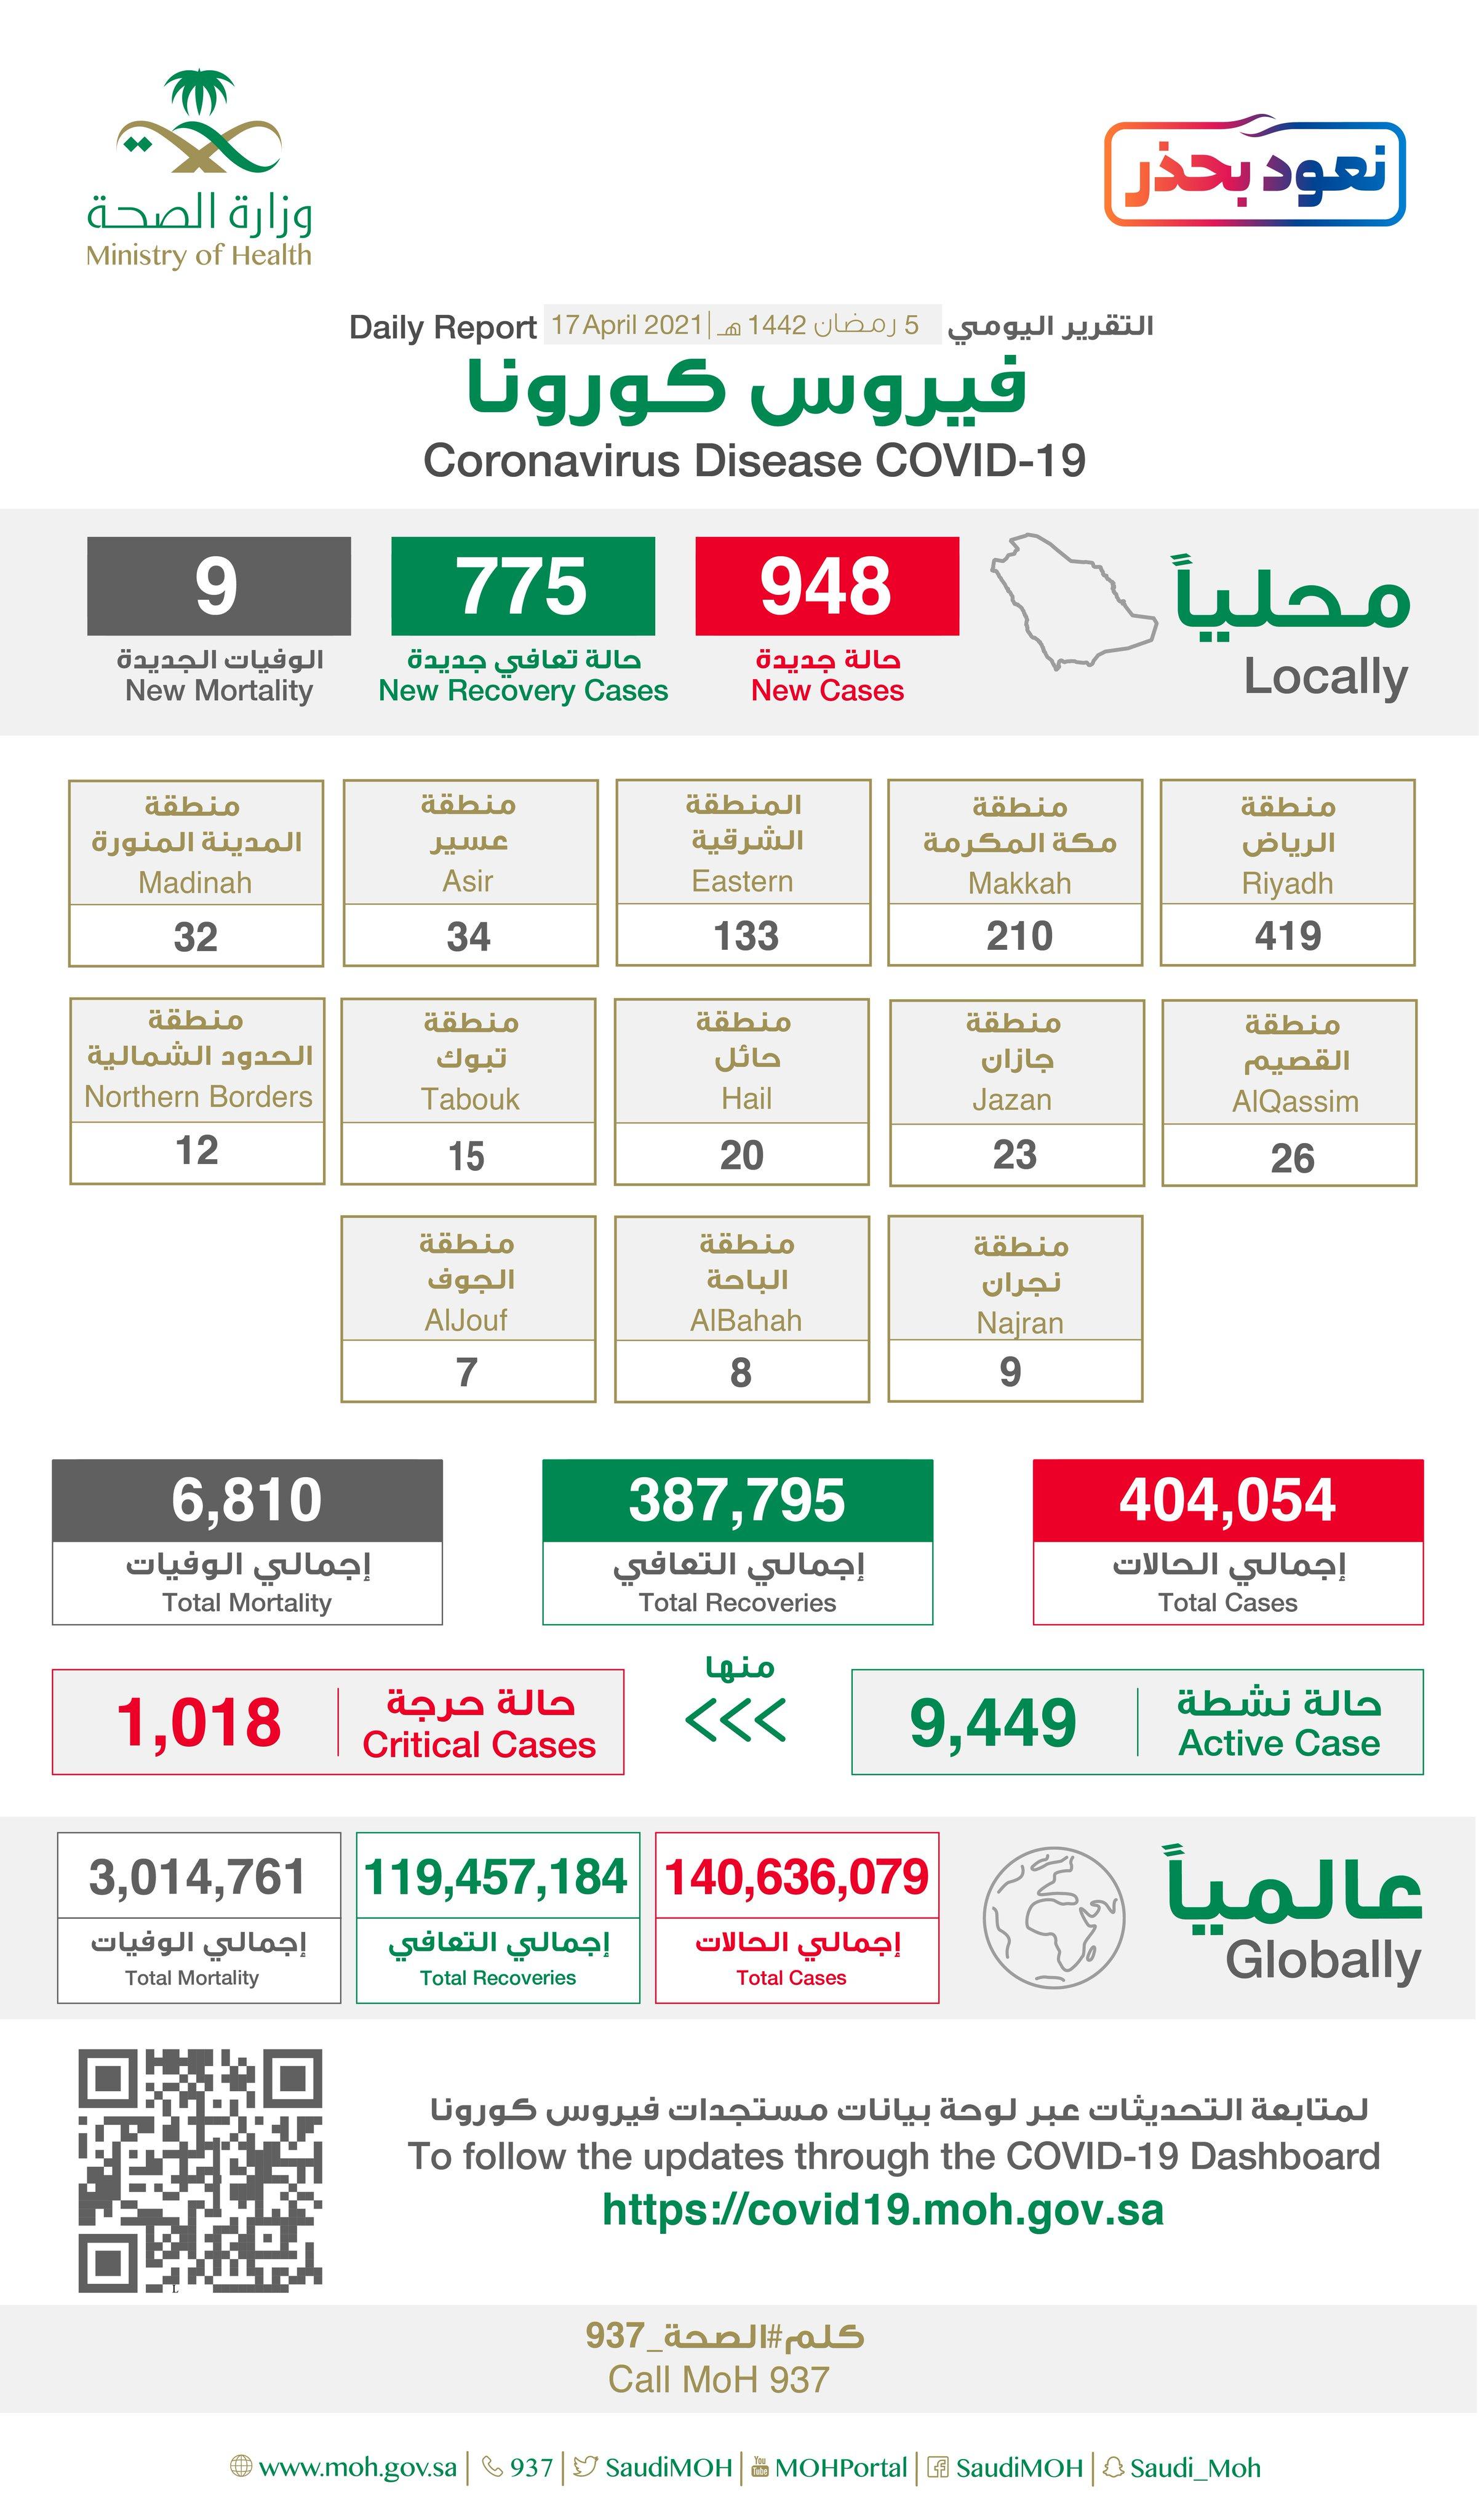 948 إصابة بفيروس كورونا في السعودية.. و 775 حالة شفاء و 9 وفيات